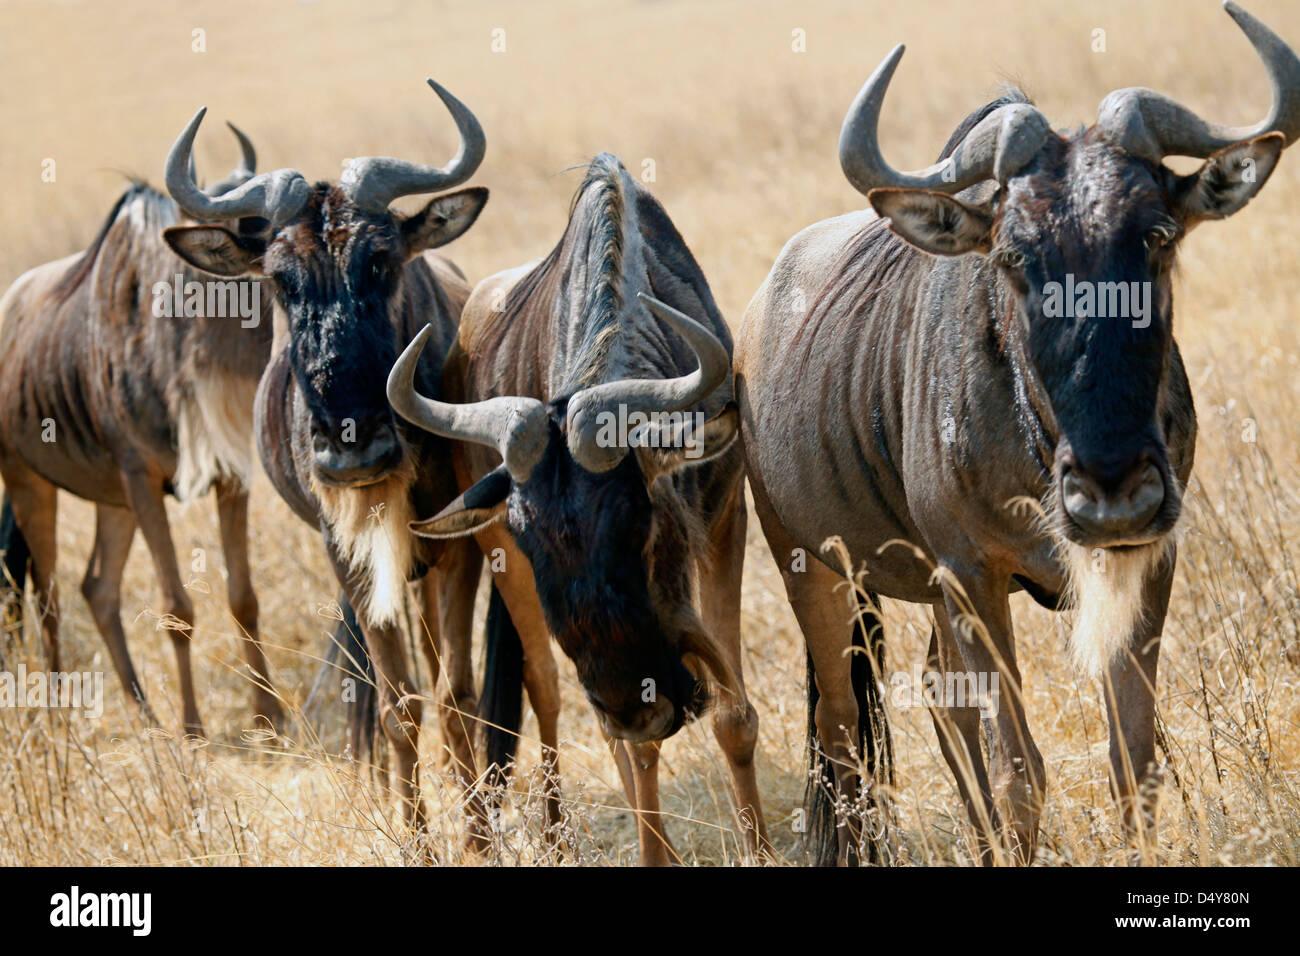 Tanzania, Ngorongoro Crater. Grazing Wildebeest. - Stock Image